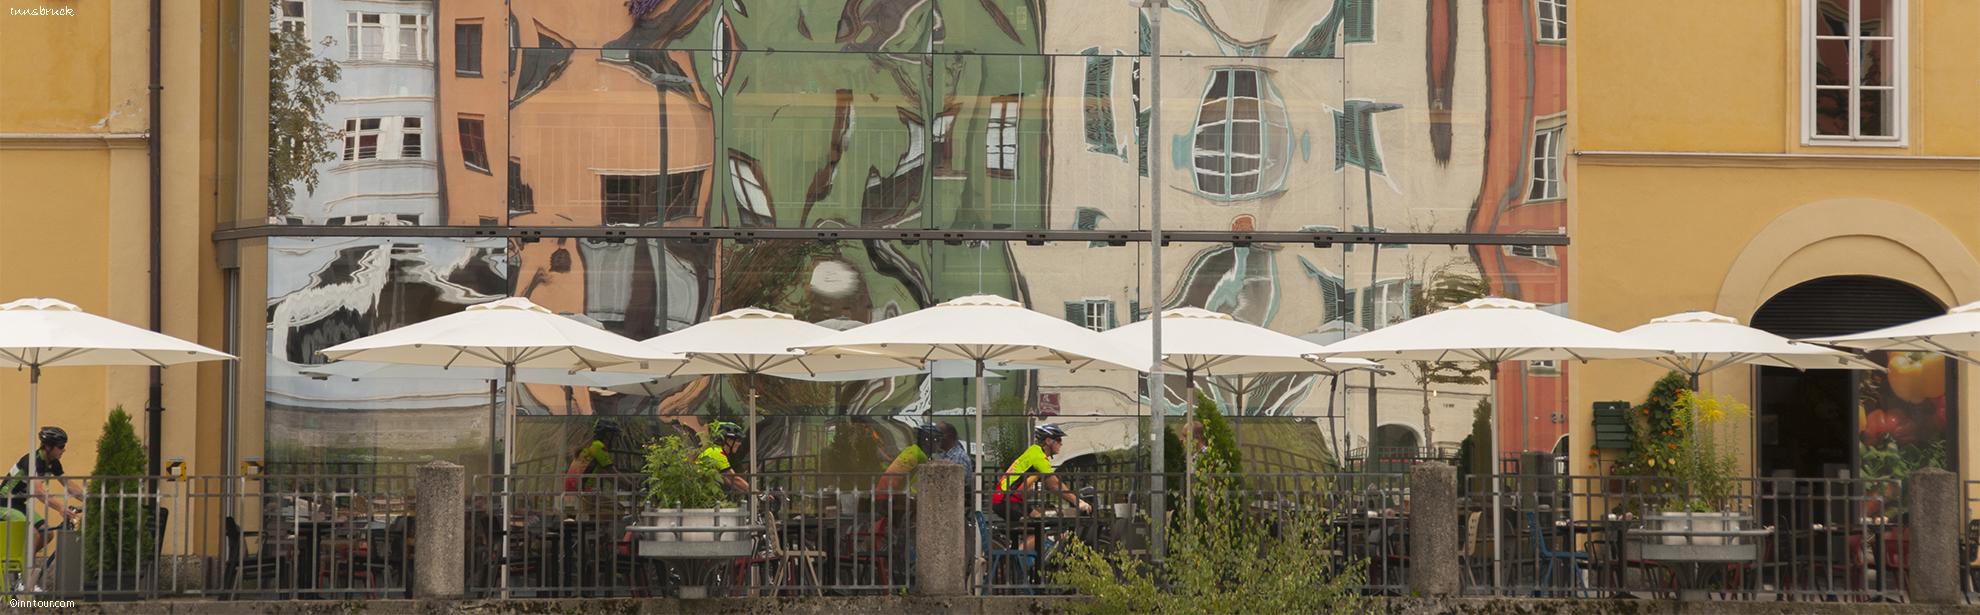 Oinntour_Innsbruck_DSC_2637